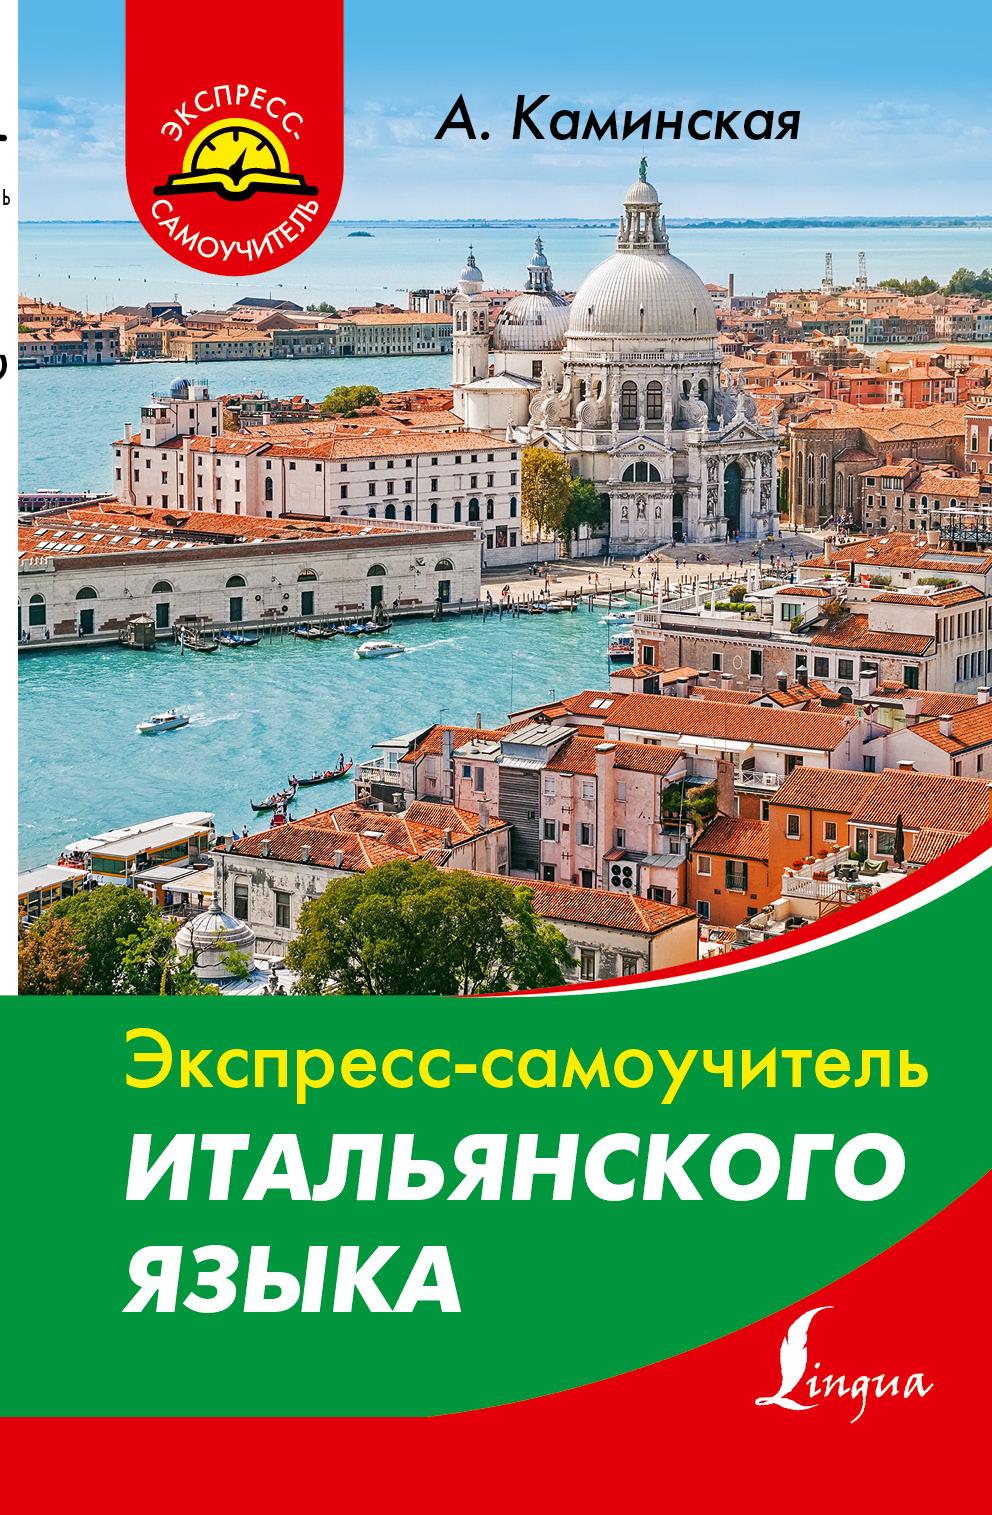 Каминская А.И. Экспресс-самоучитель итальянского языка книга для записей с практическими упражнениями для здорового позвоночника